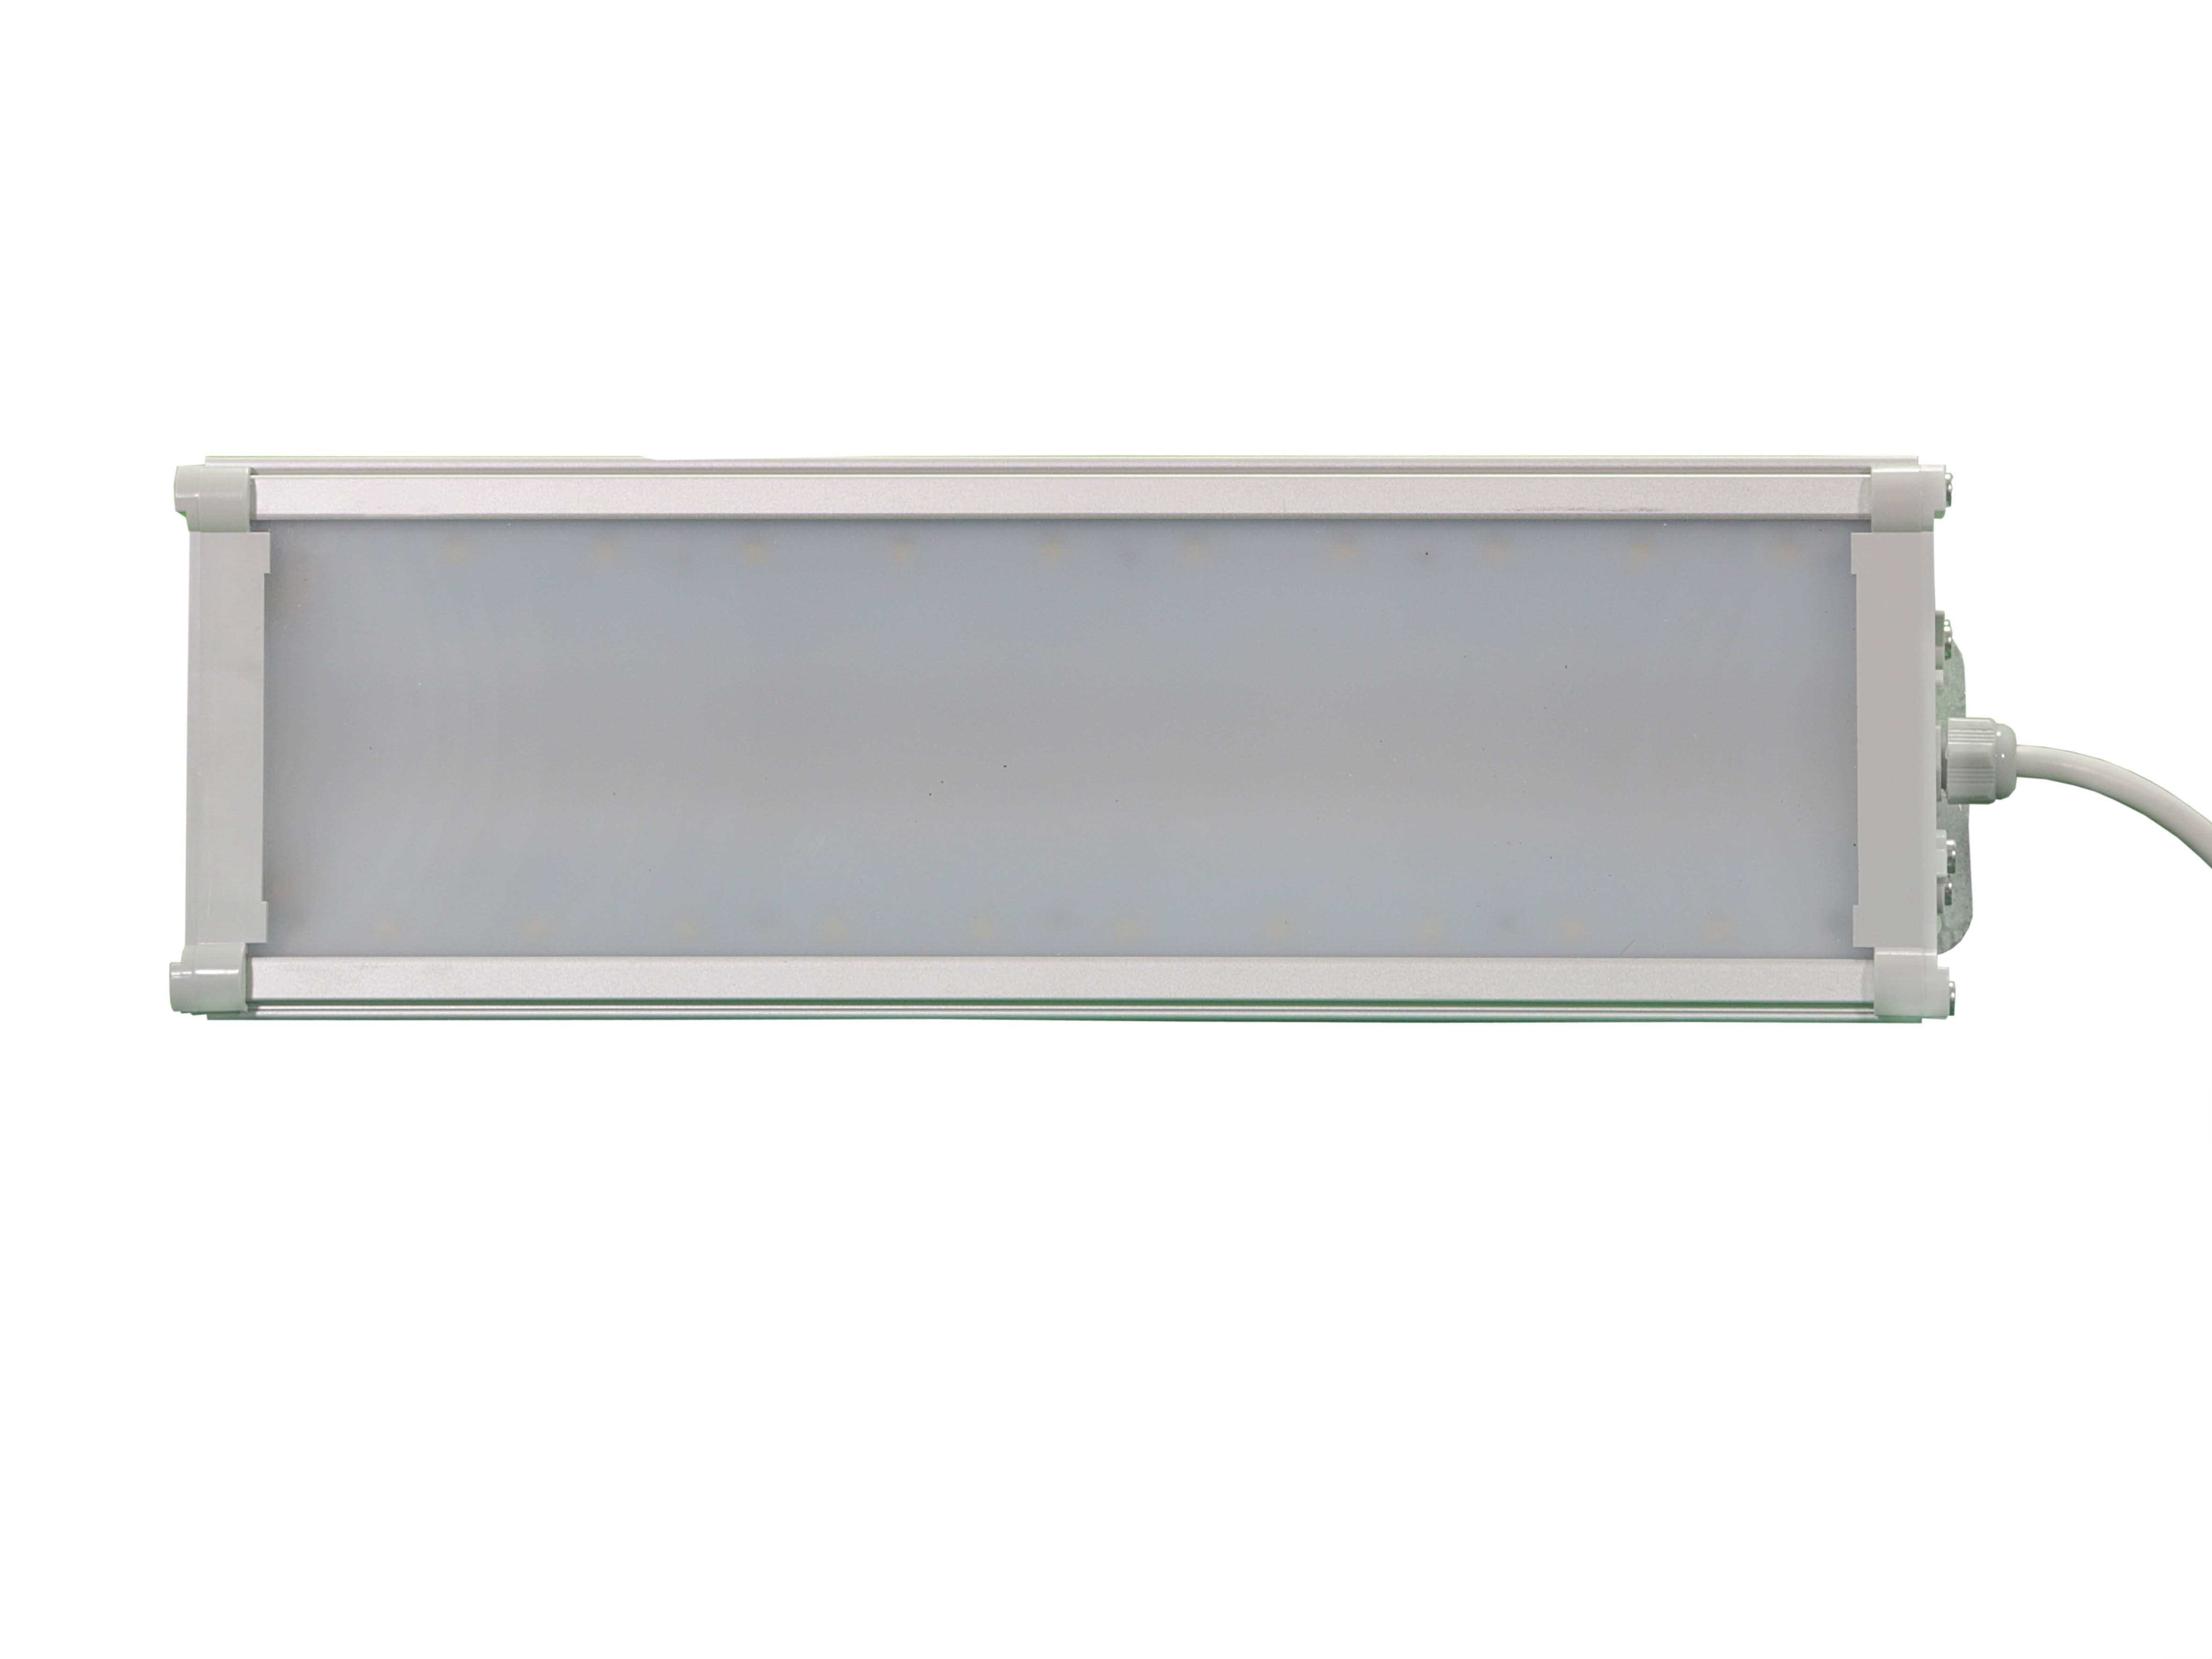 Промышленный светодиодный светильник ДСП-Тендер-35 35Вт 3654Лм